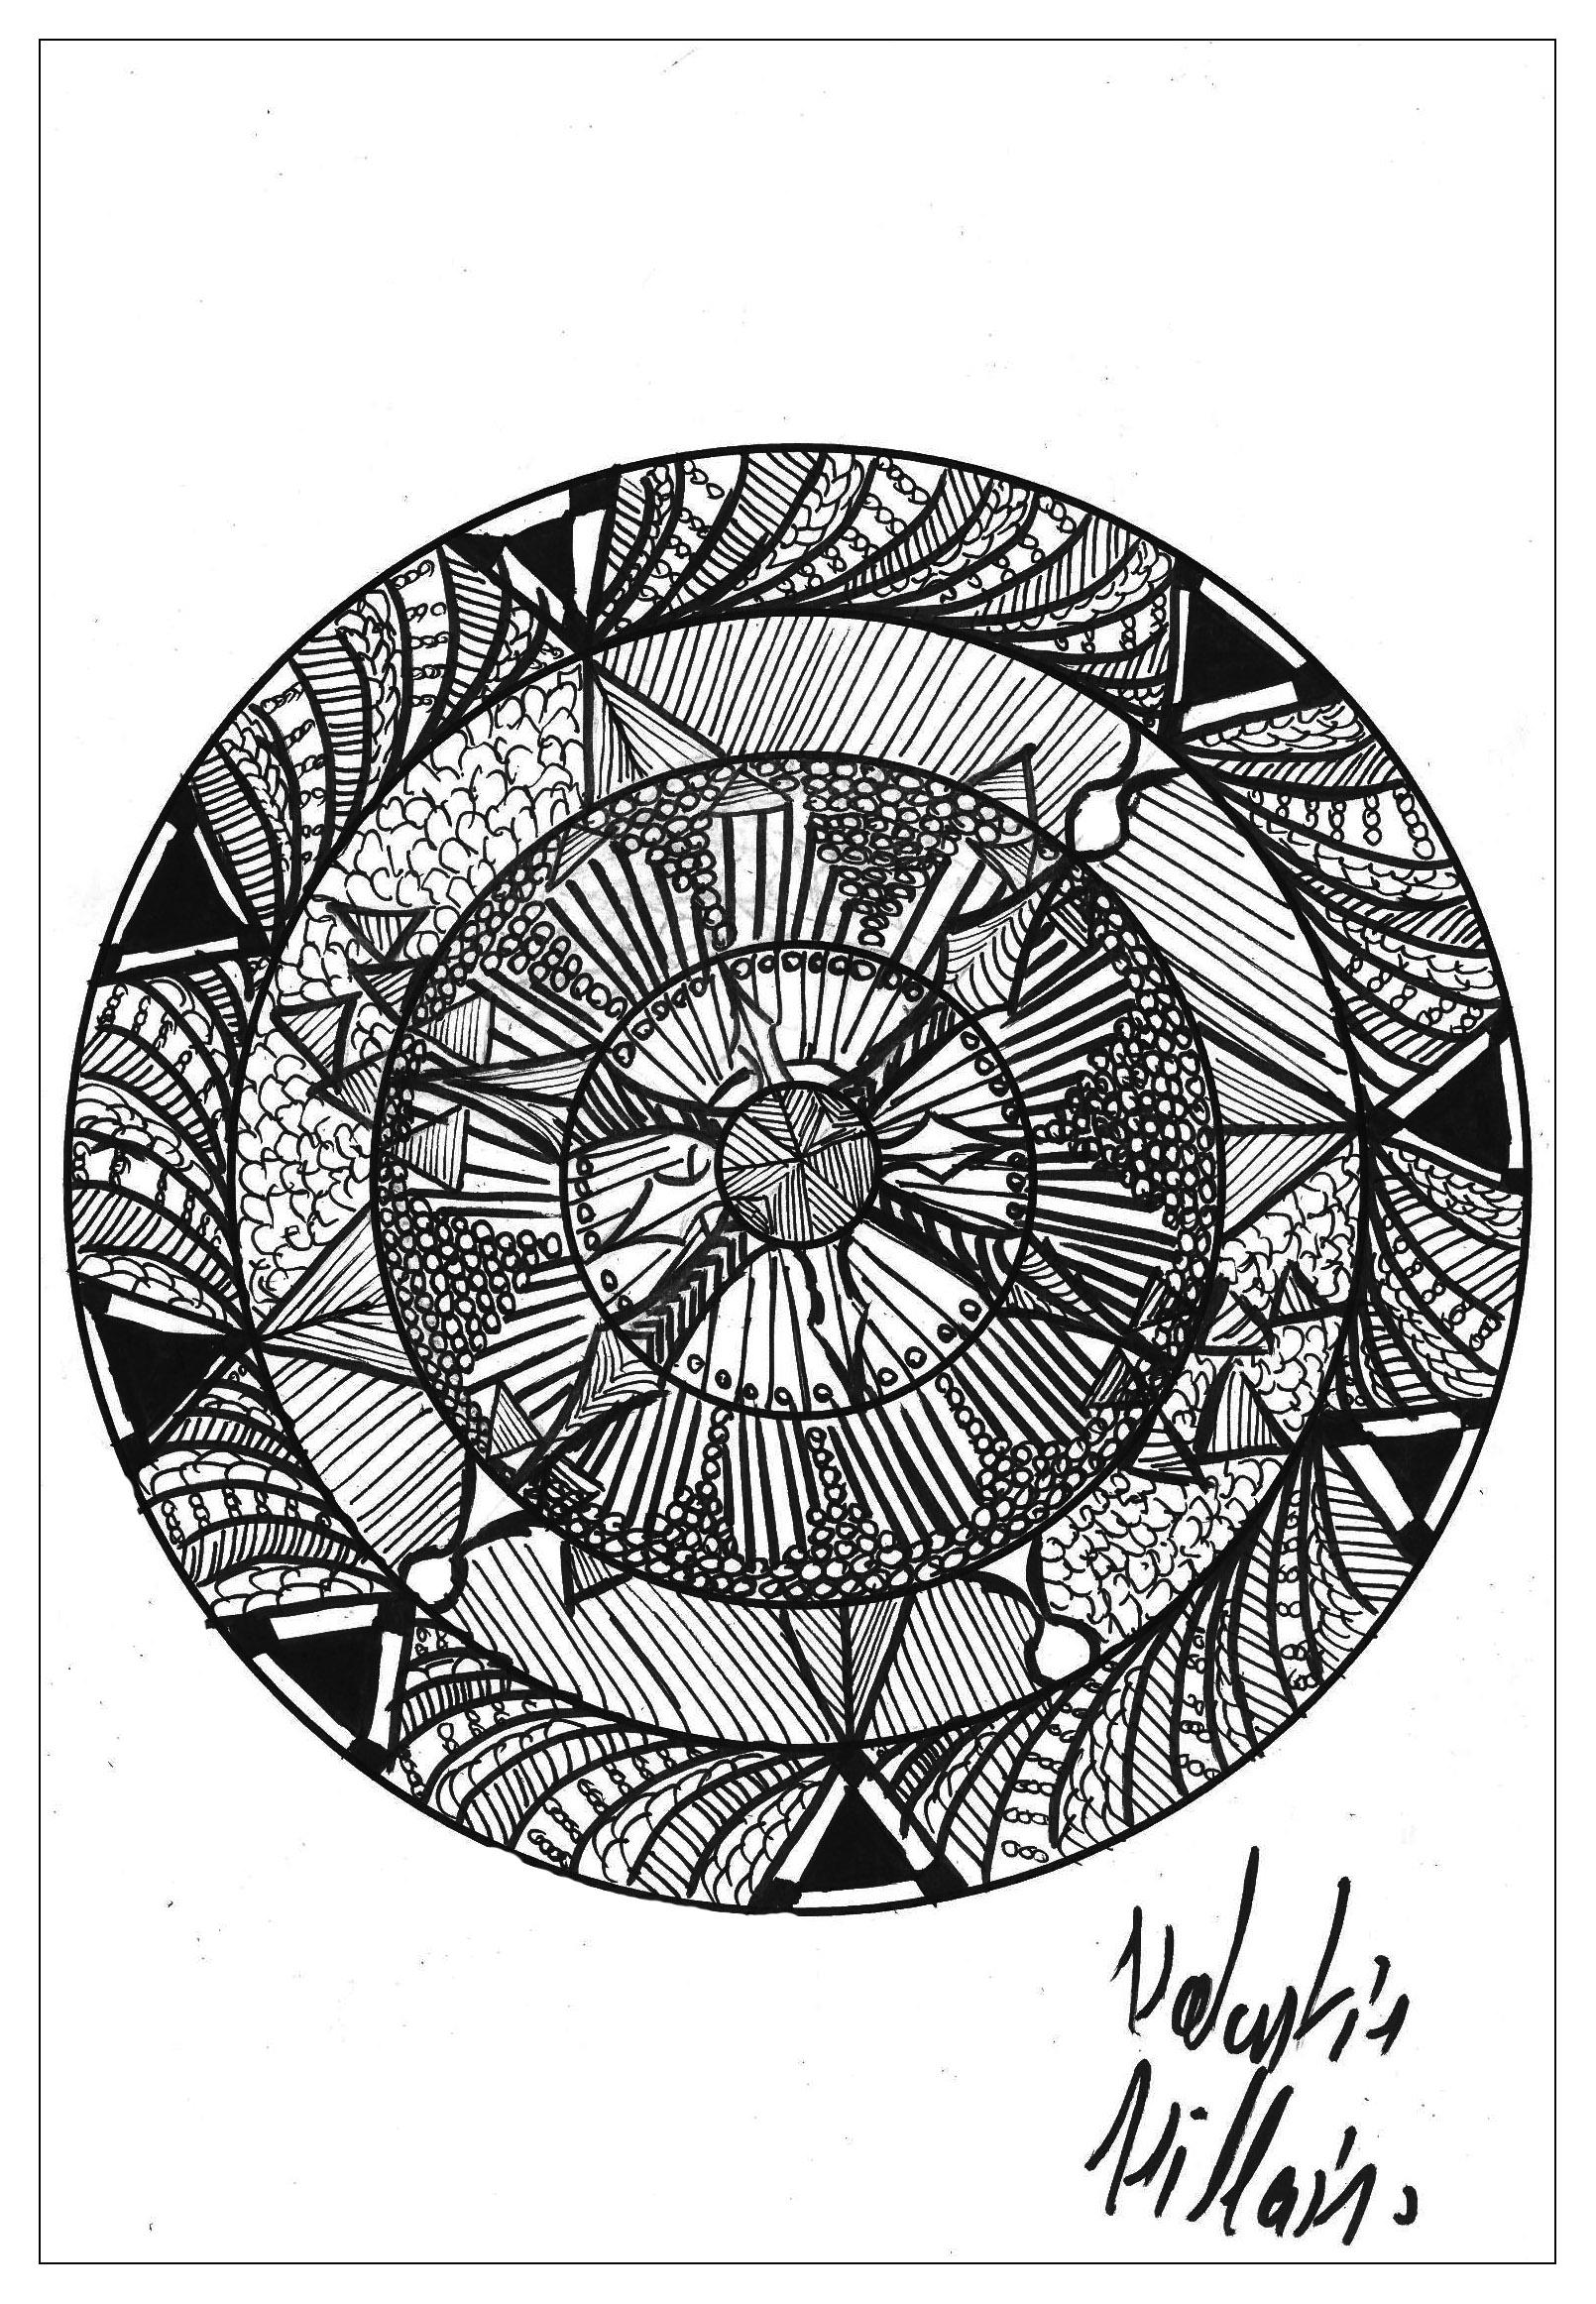 Disegni da colorare per adulti : Mandalas - 102